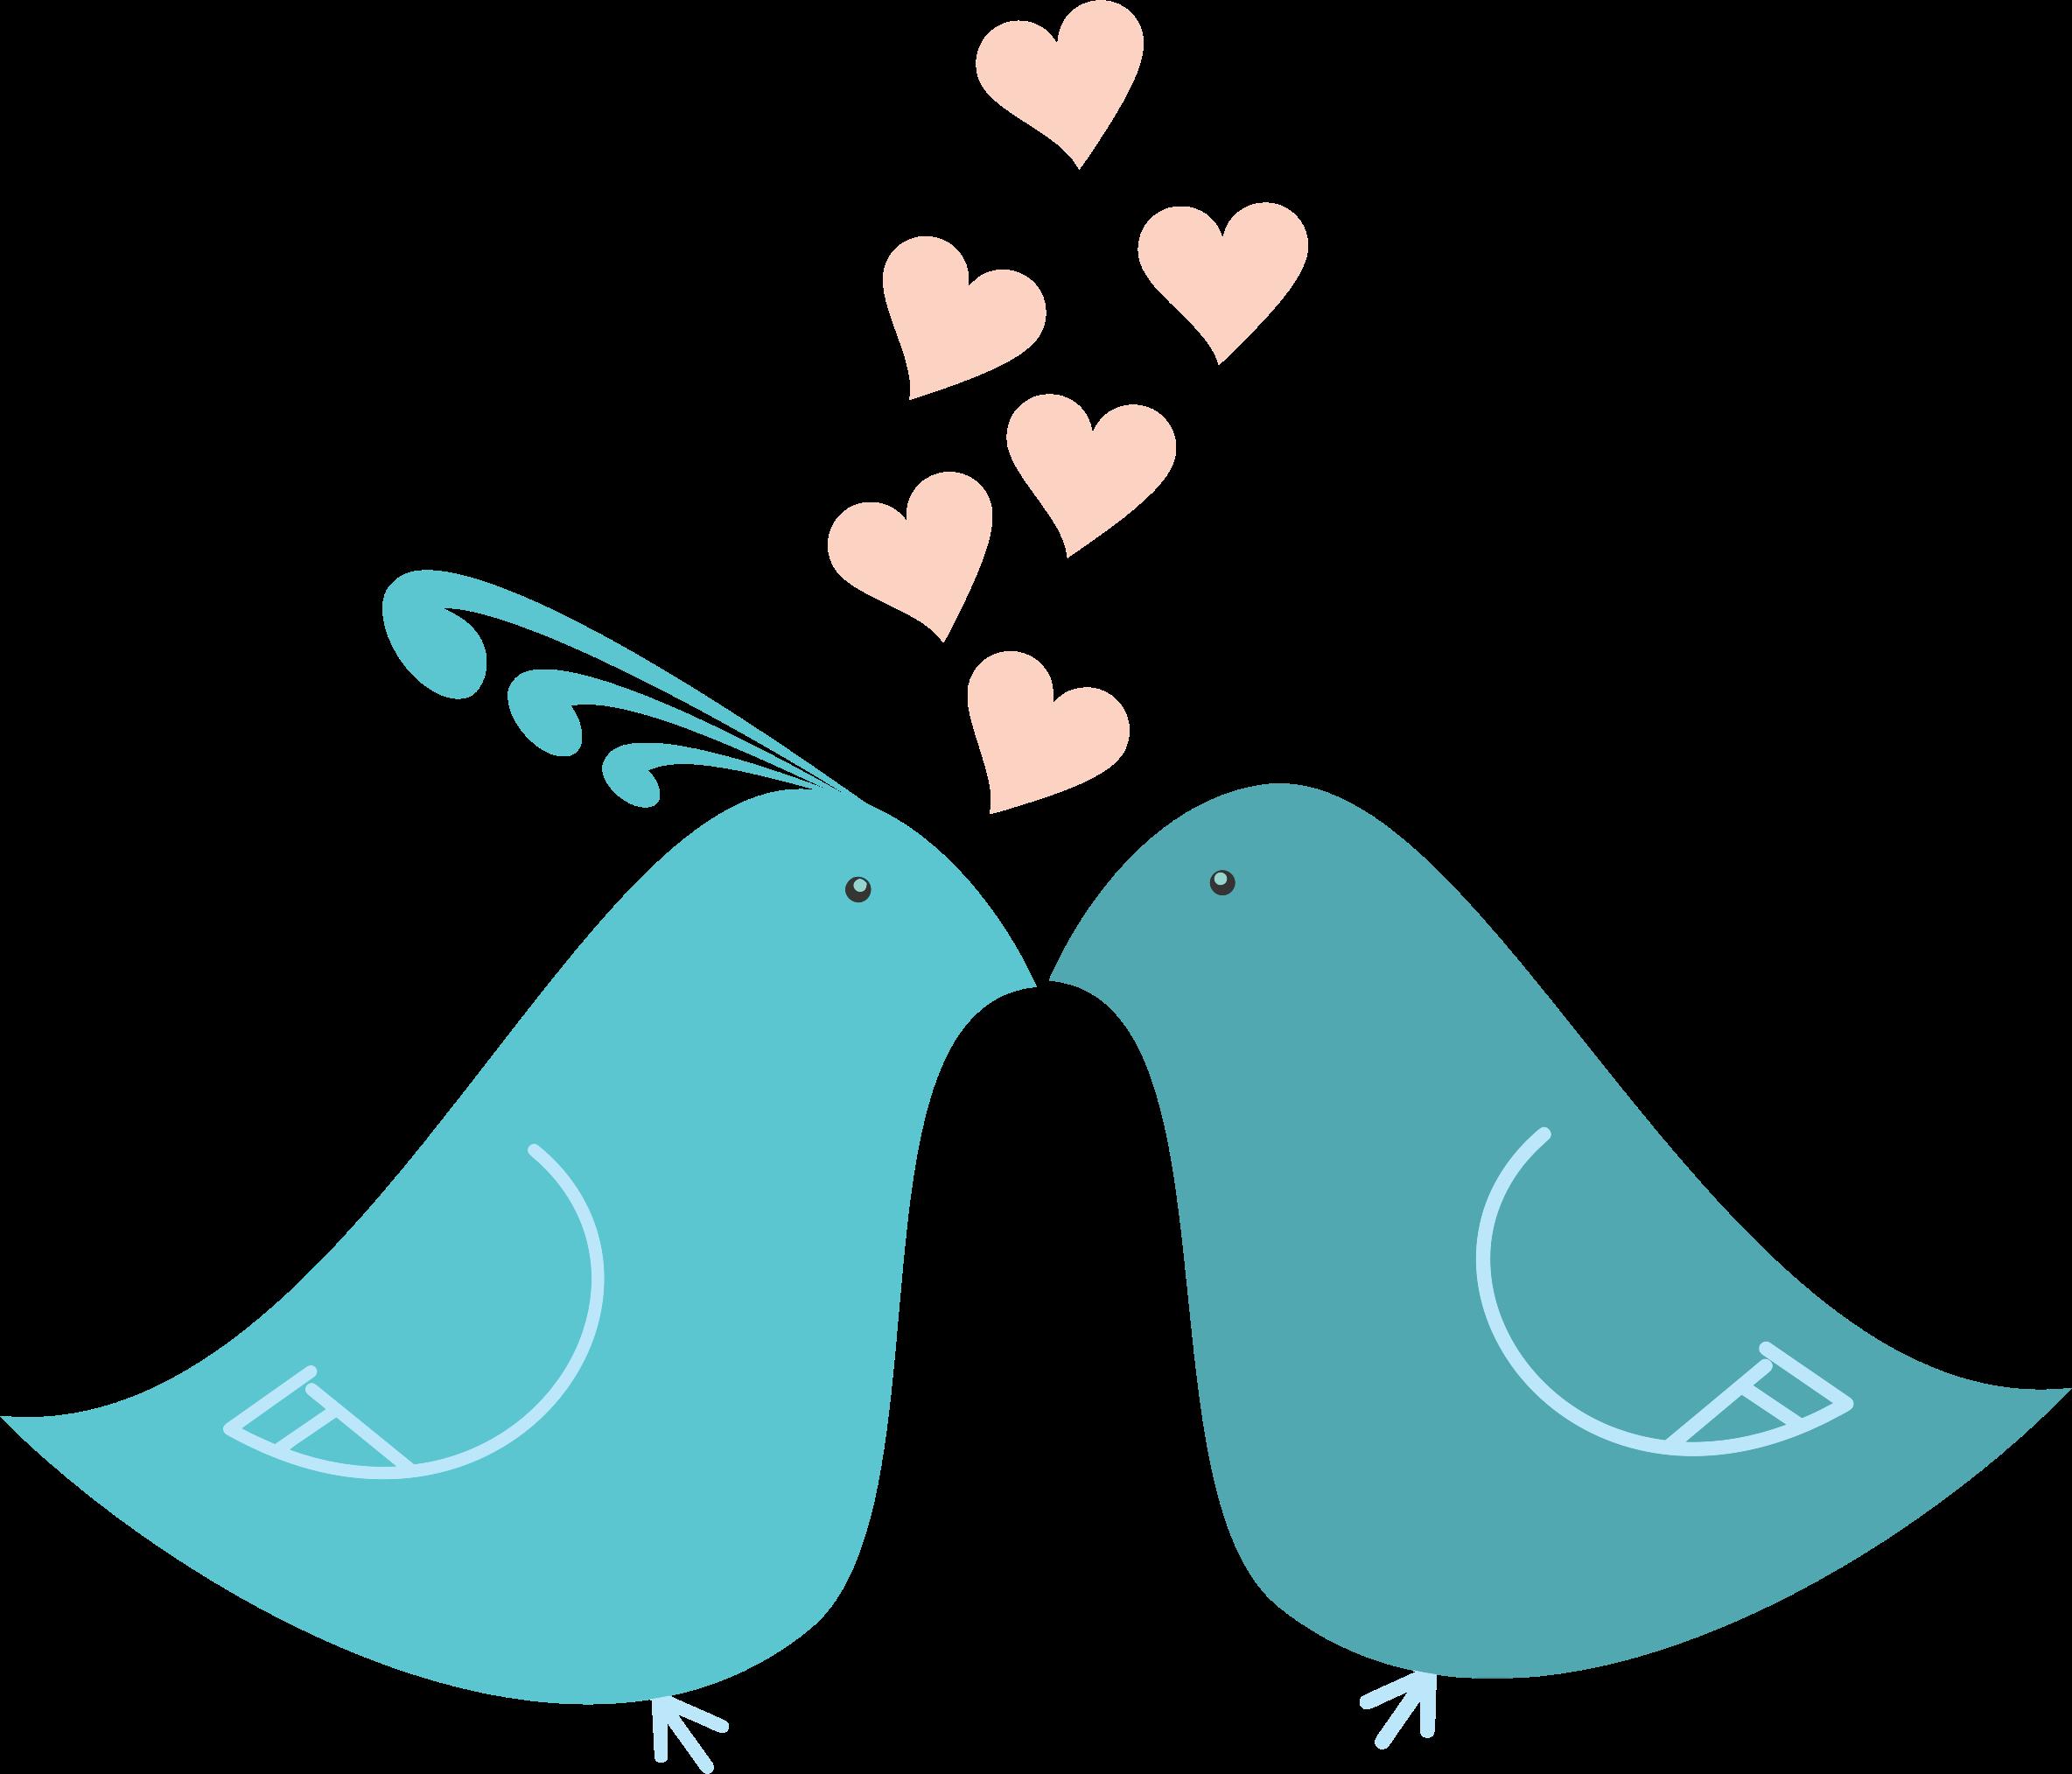 Love Birds PNG - 8431